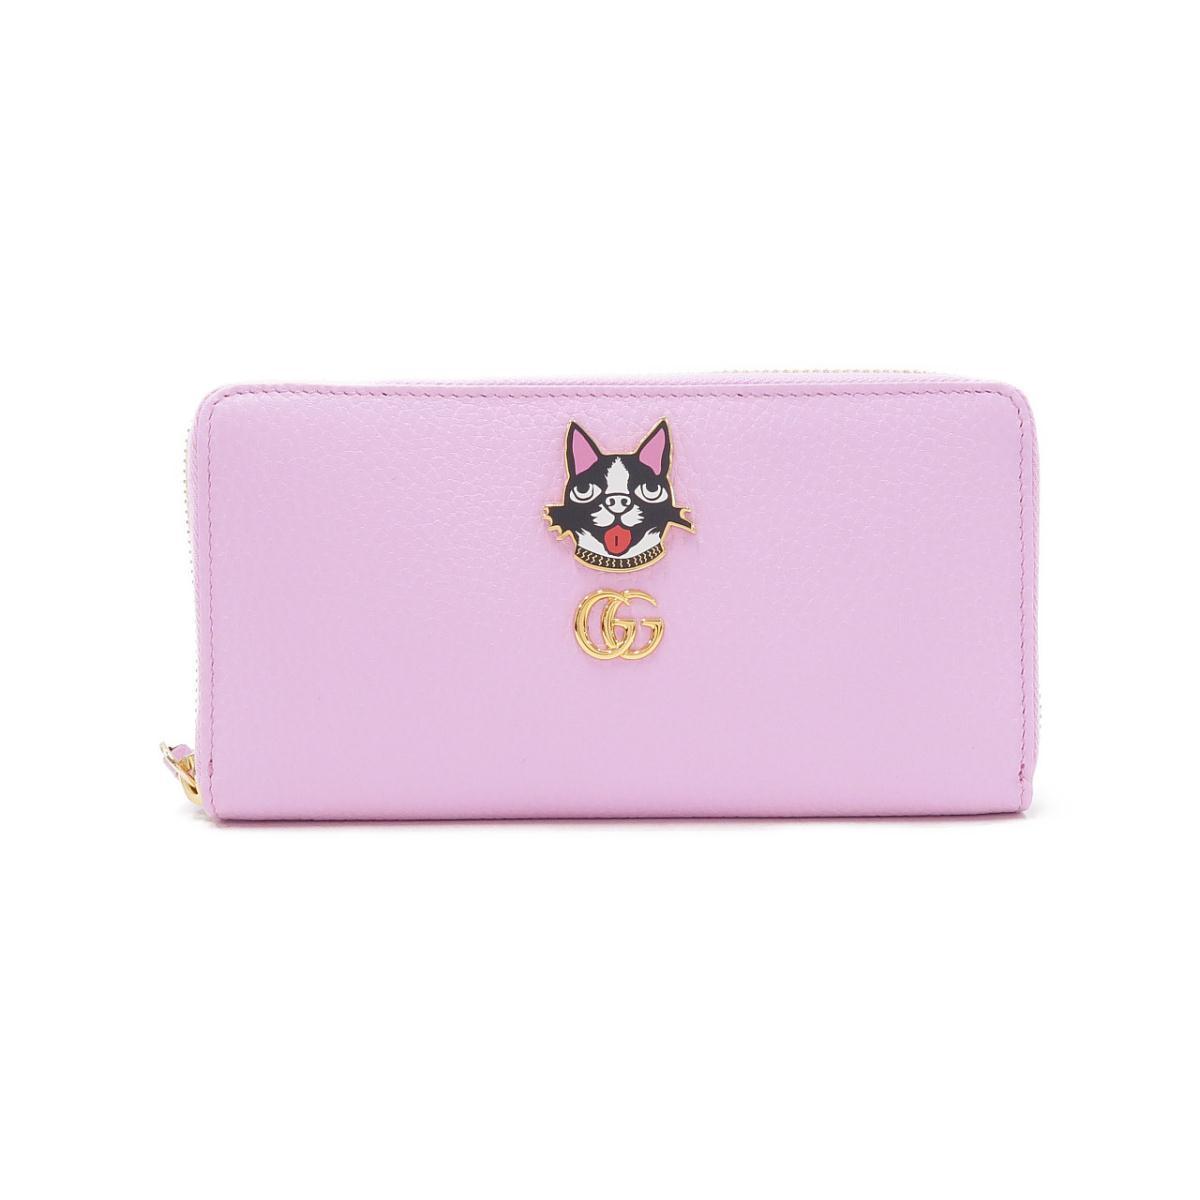 大人気の グッチ 財布 499337 CAO0G, ウィッグ専門店アイアイショップ 0386805c